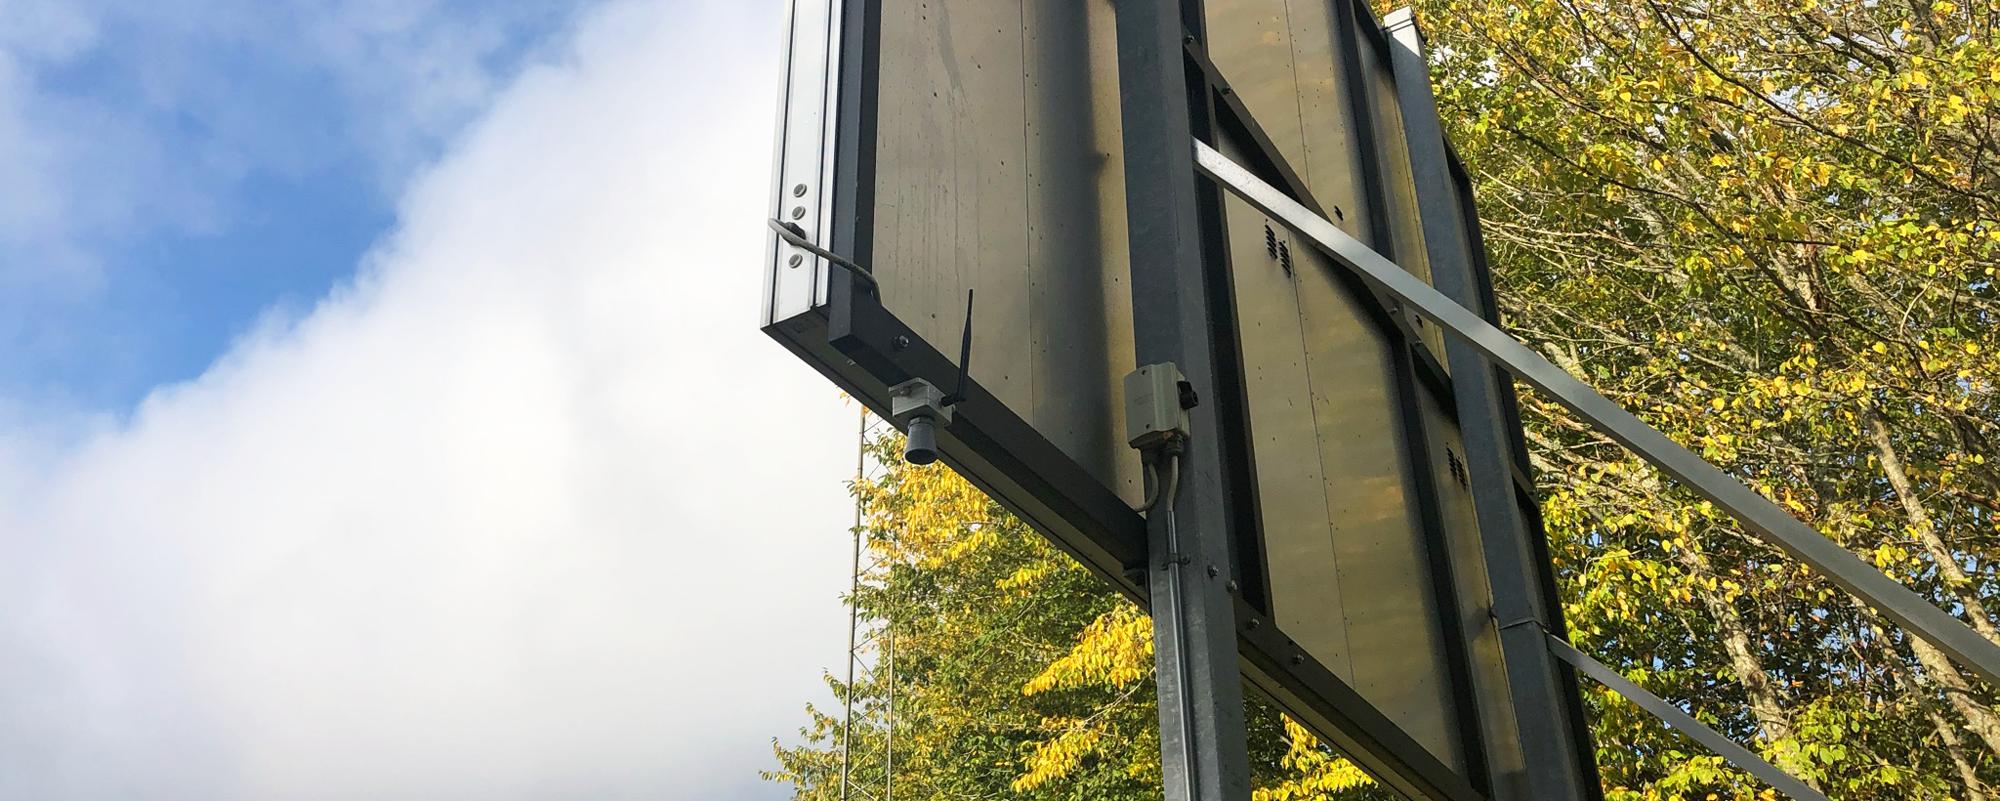 Ultraljudssensor är placerad vid en skylt intill fotbollsplan